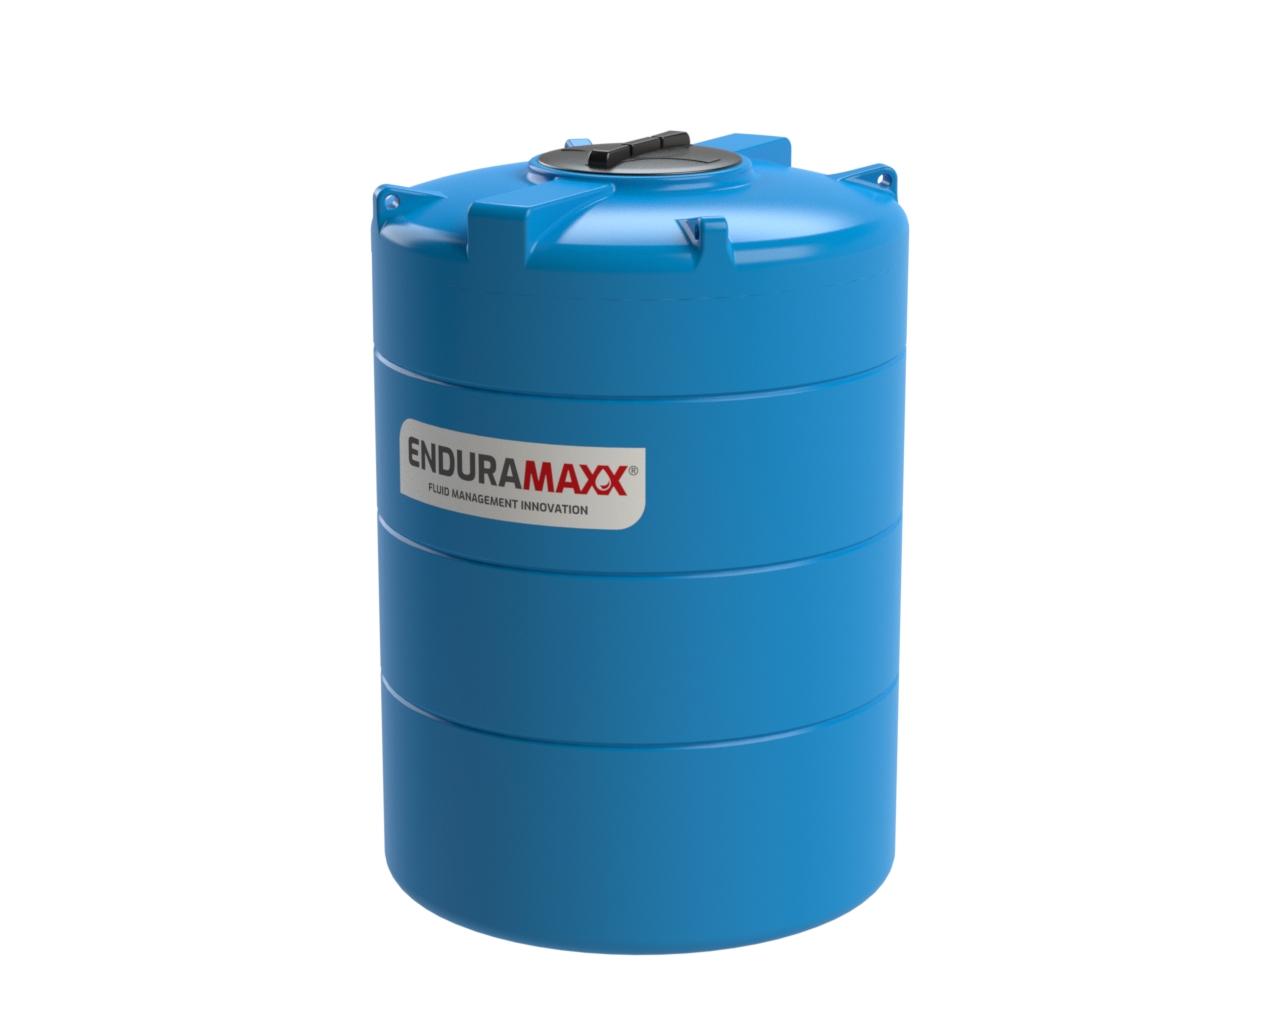 1,500 litre emergency milk tank - 17220608MT